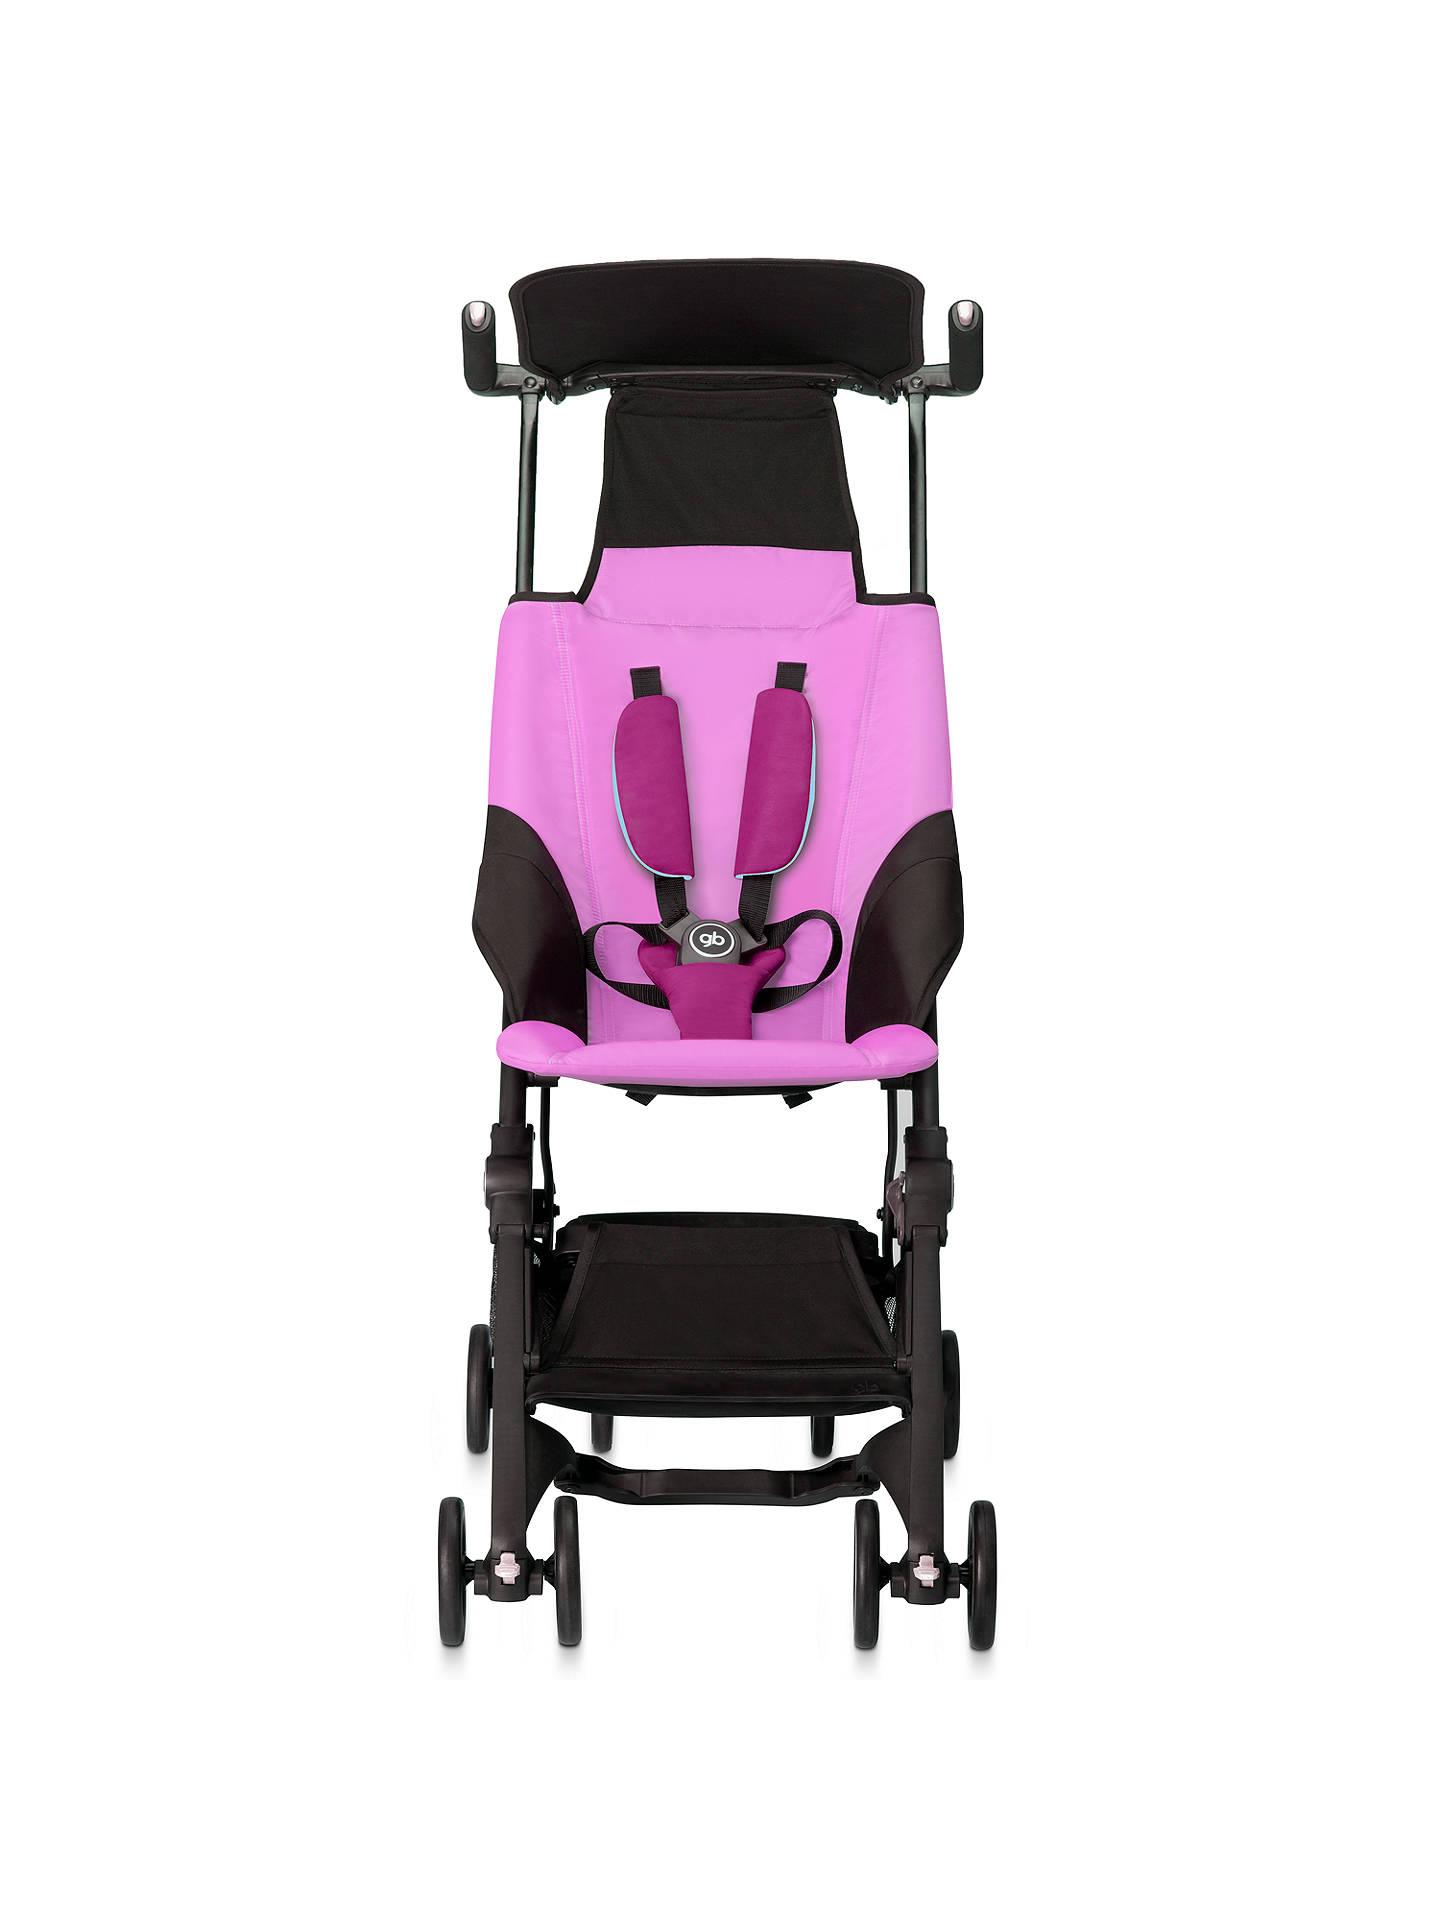 GB Pockit Stroller, Posh Pink at John Lewis & Partners